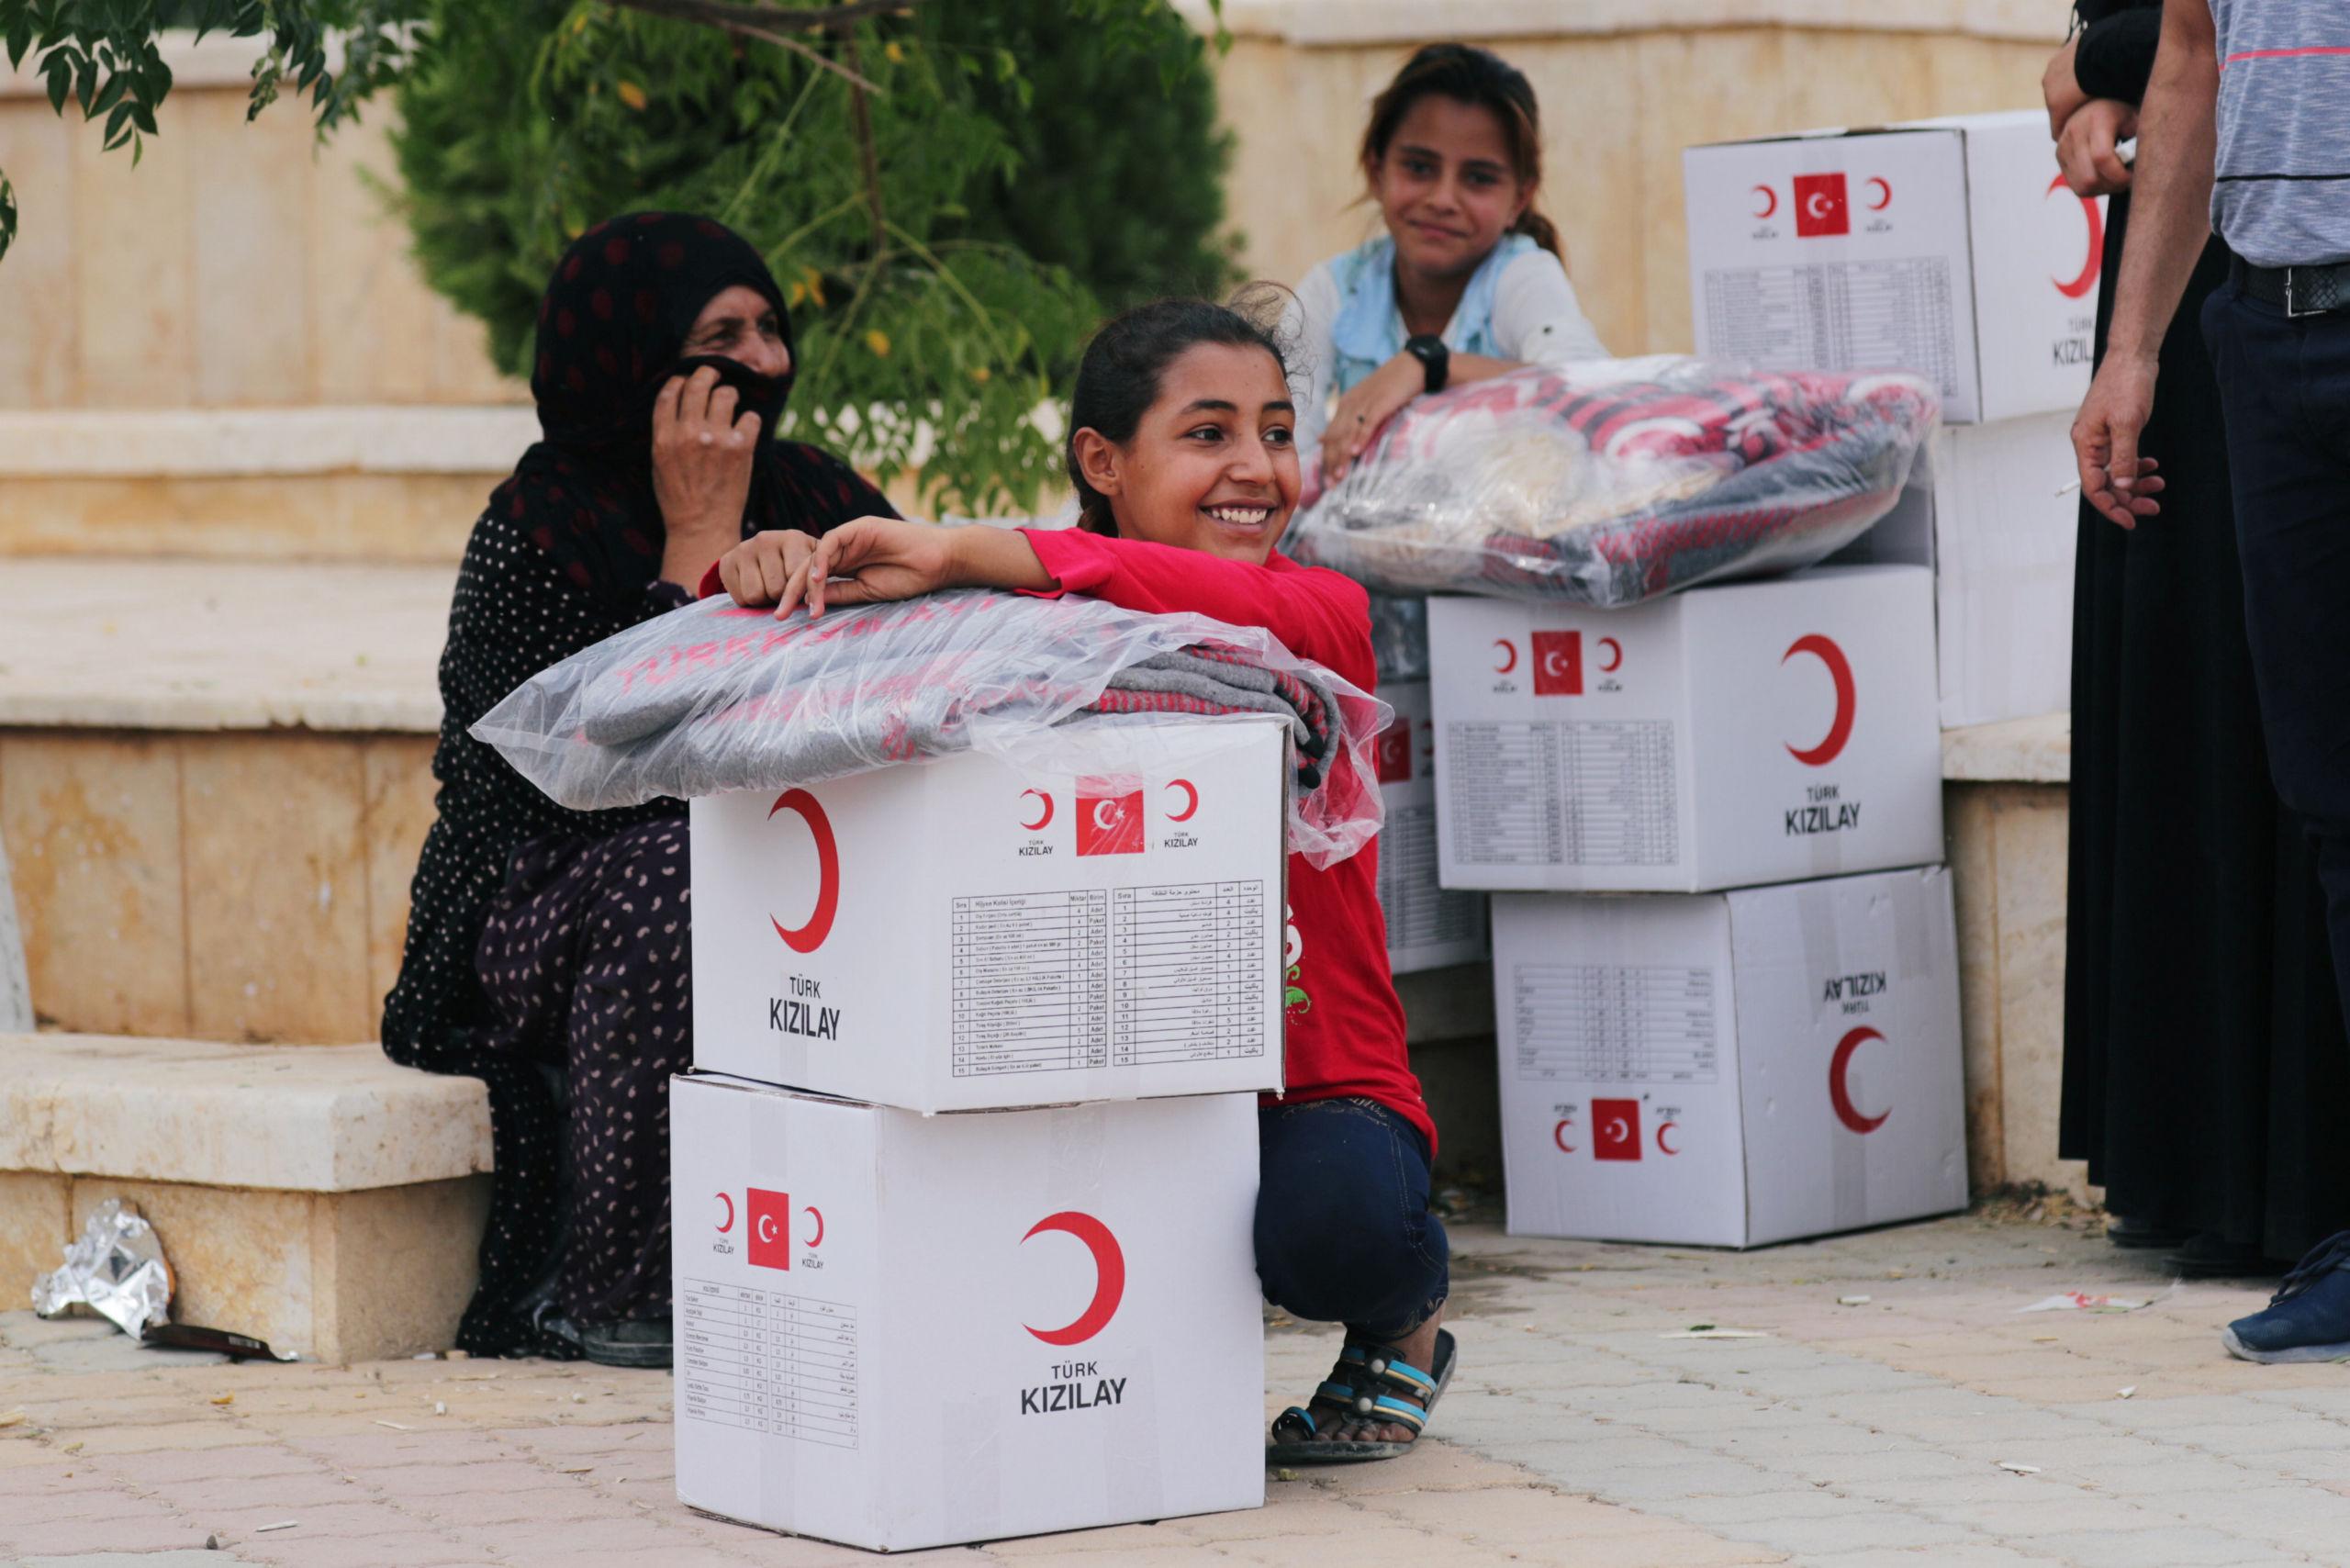 سيدة تتلقى مساعدات من الهلال الأحمر التركي في وقت سابق